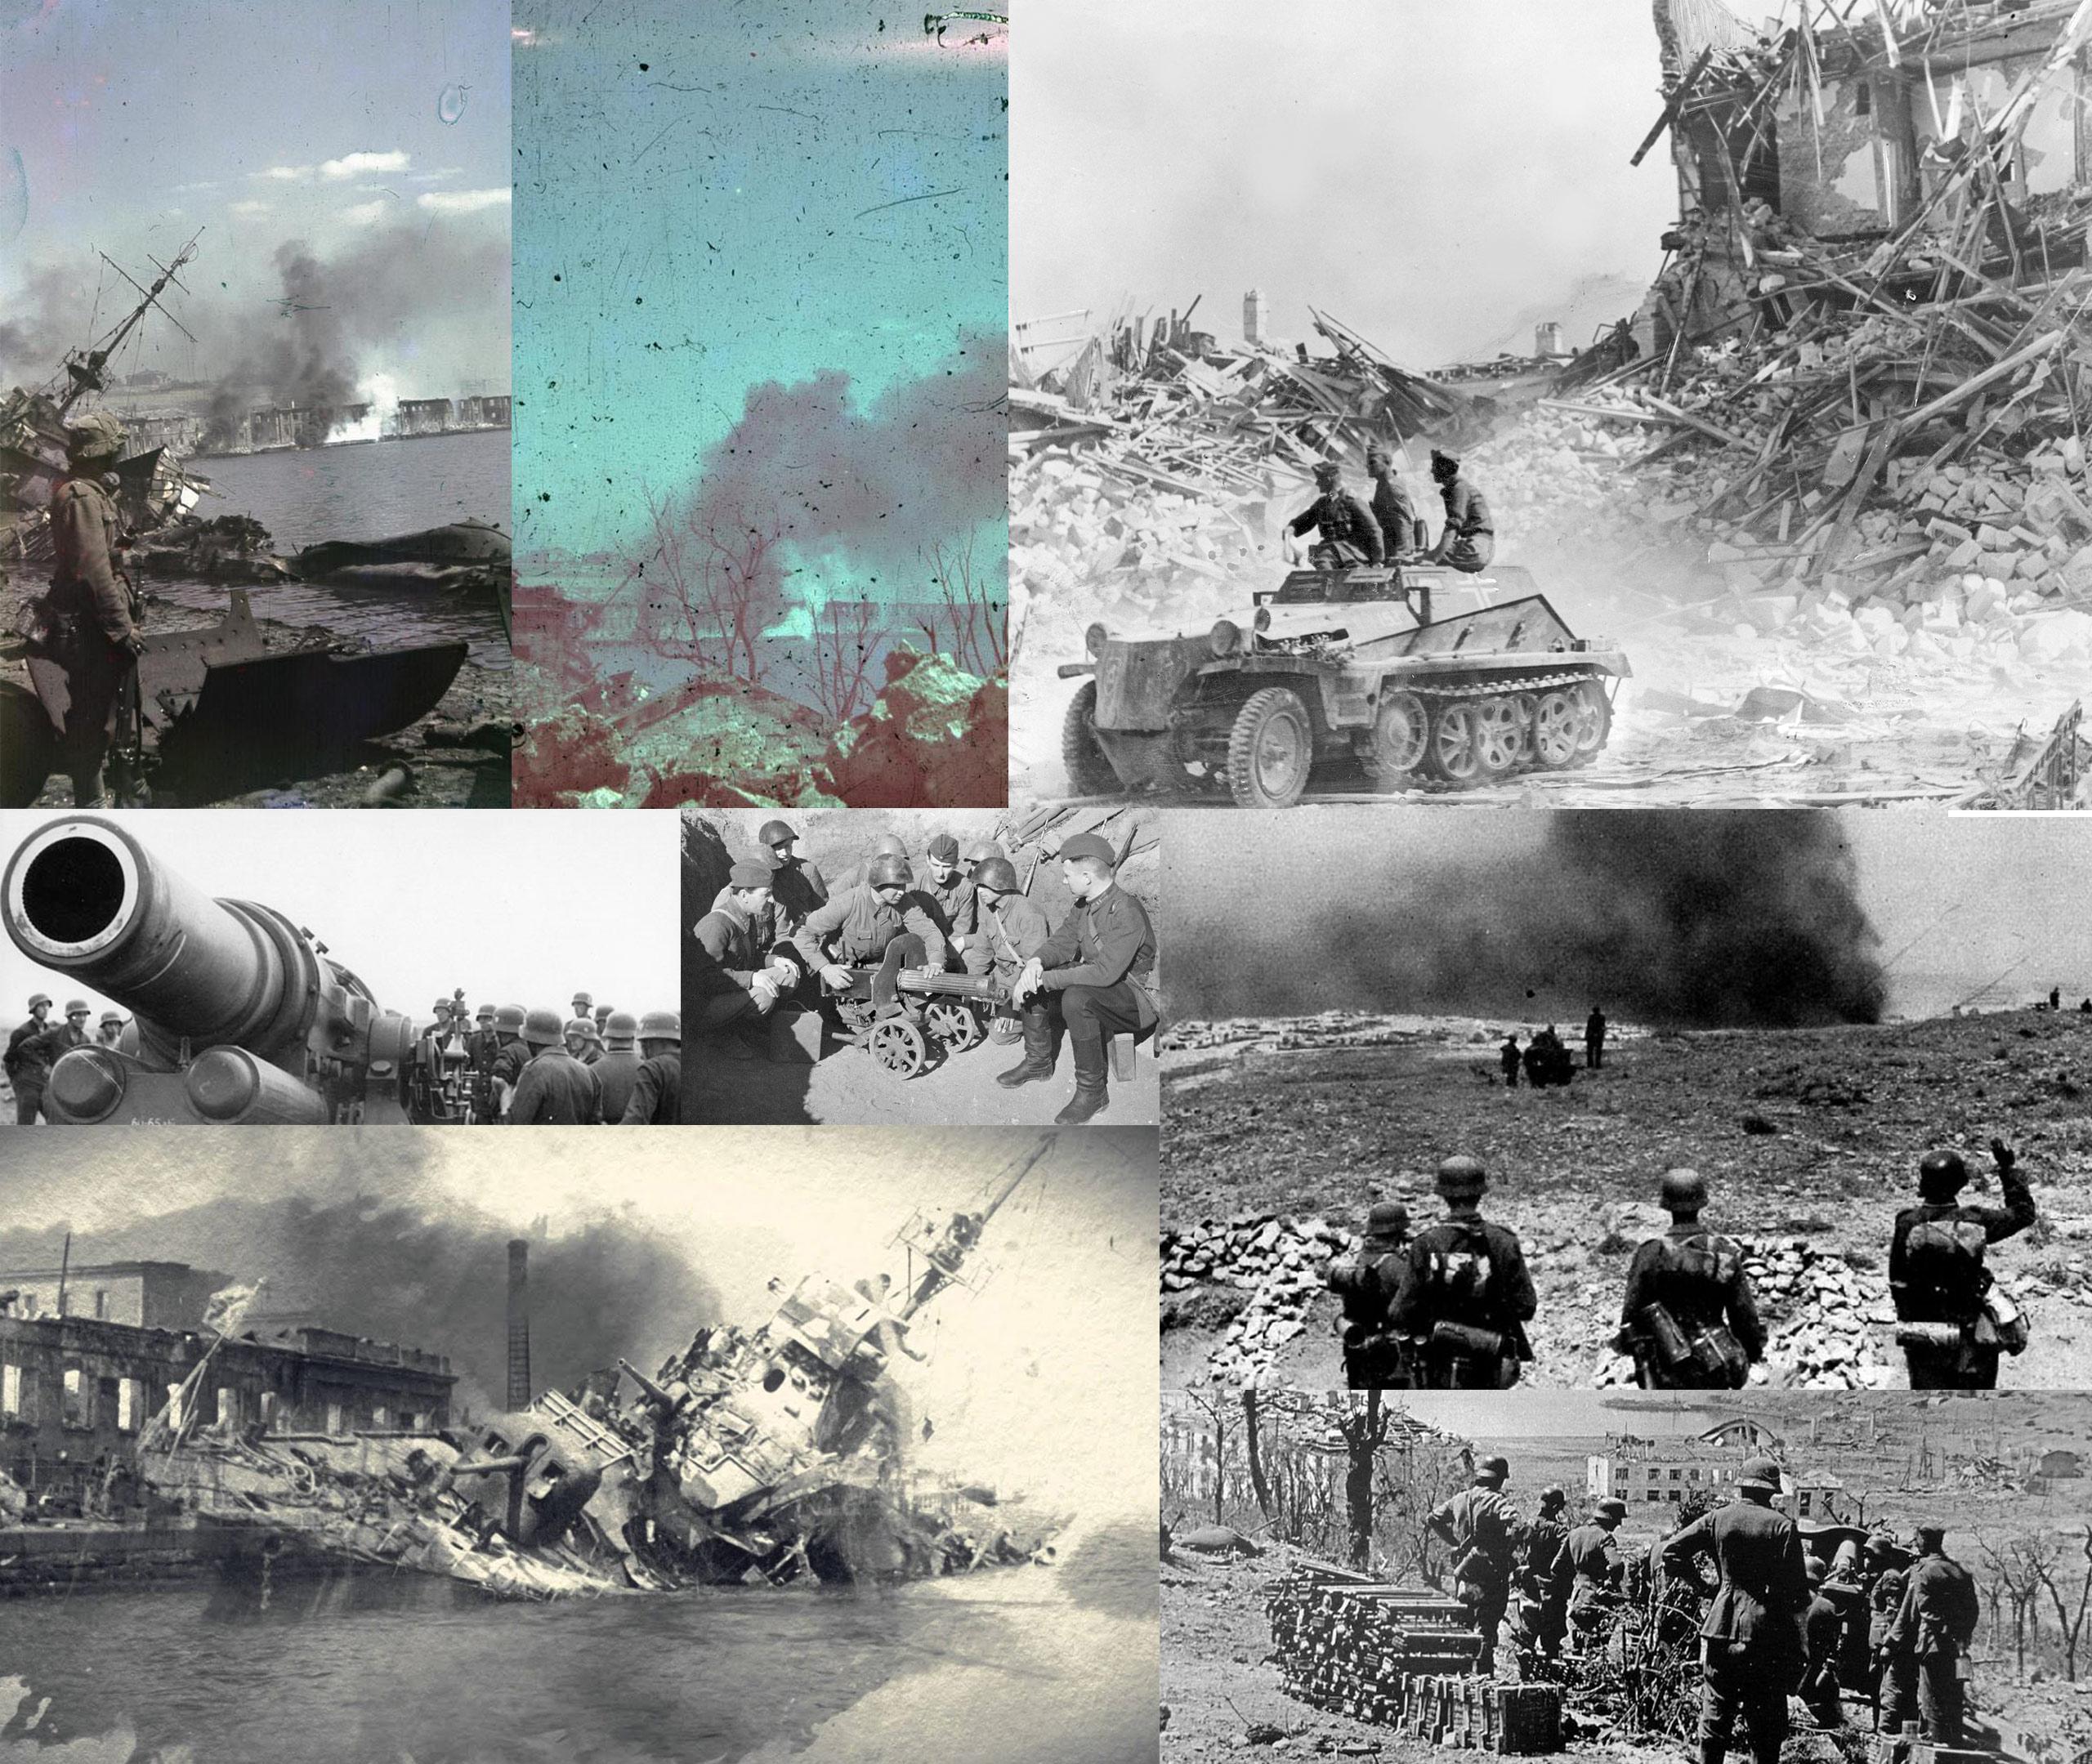 """250 dana opsade Sevastopolja: Nijemci će na kraju zauzeti """"najmoćniju kopnenu i pomorsku tvrđavu koja je ikad postojala"""", ali će zato prekasno stići do Staljingrada..."""